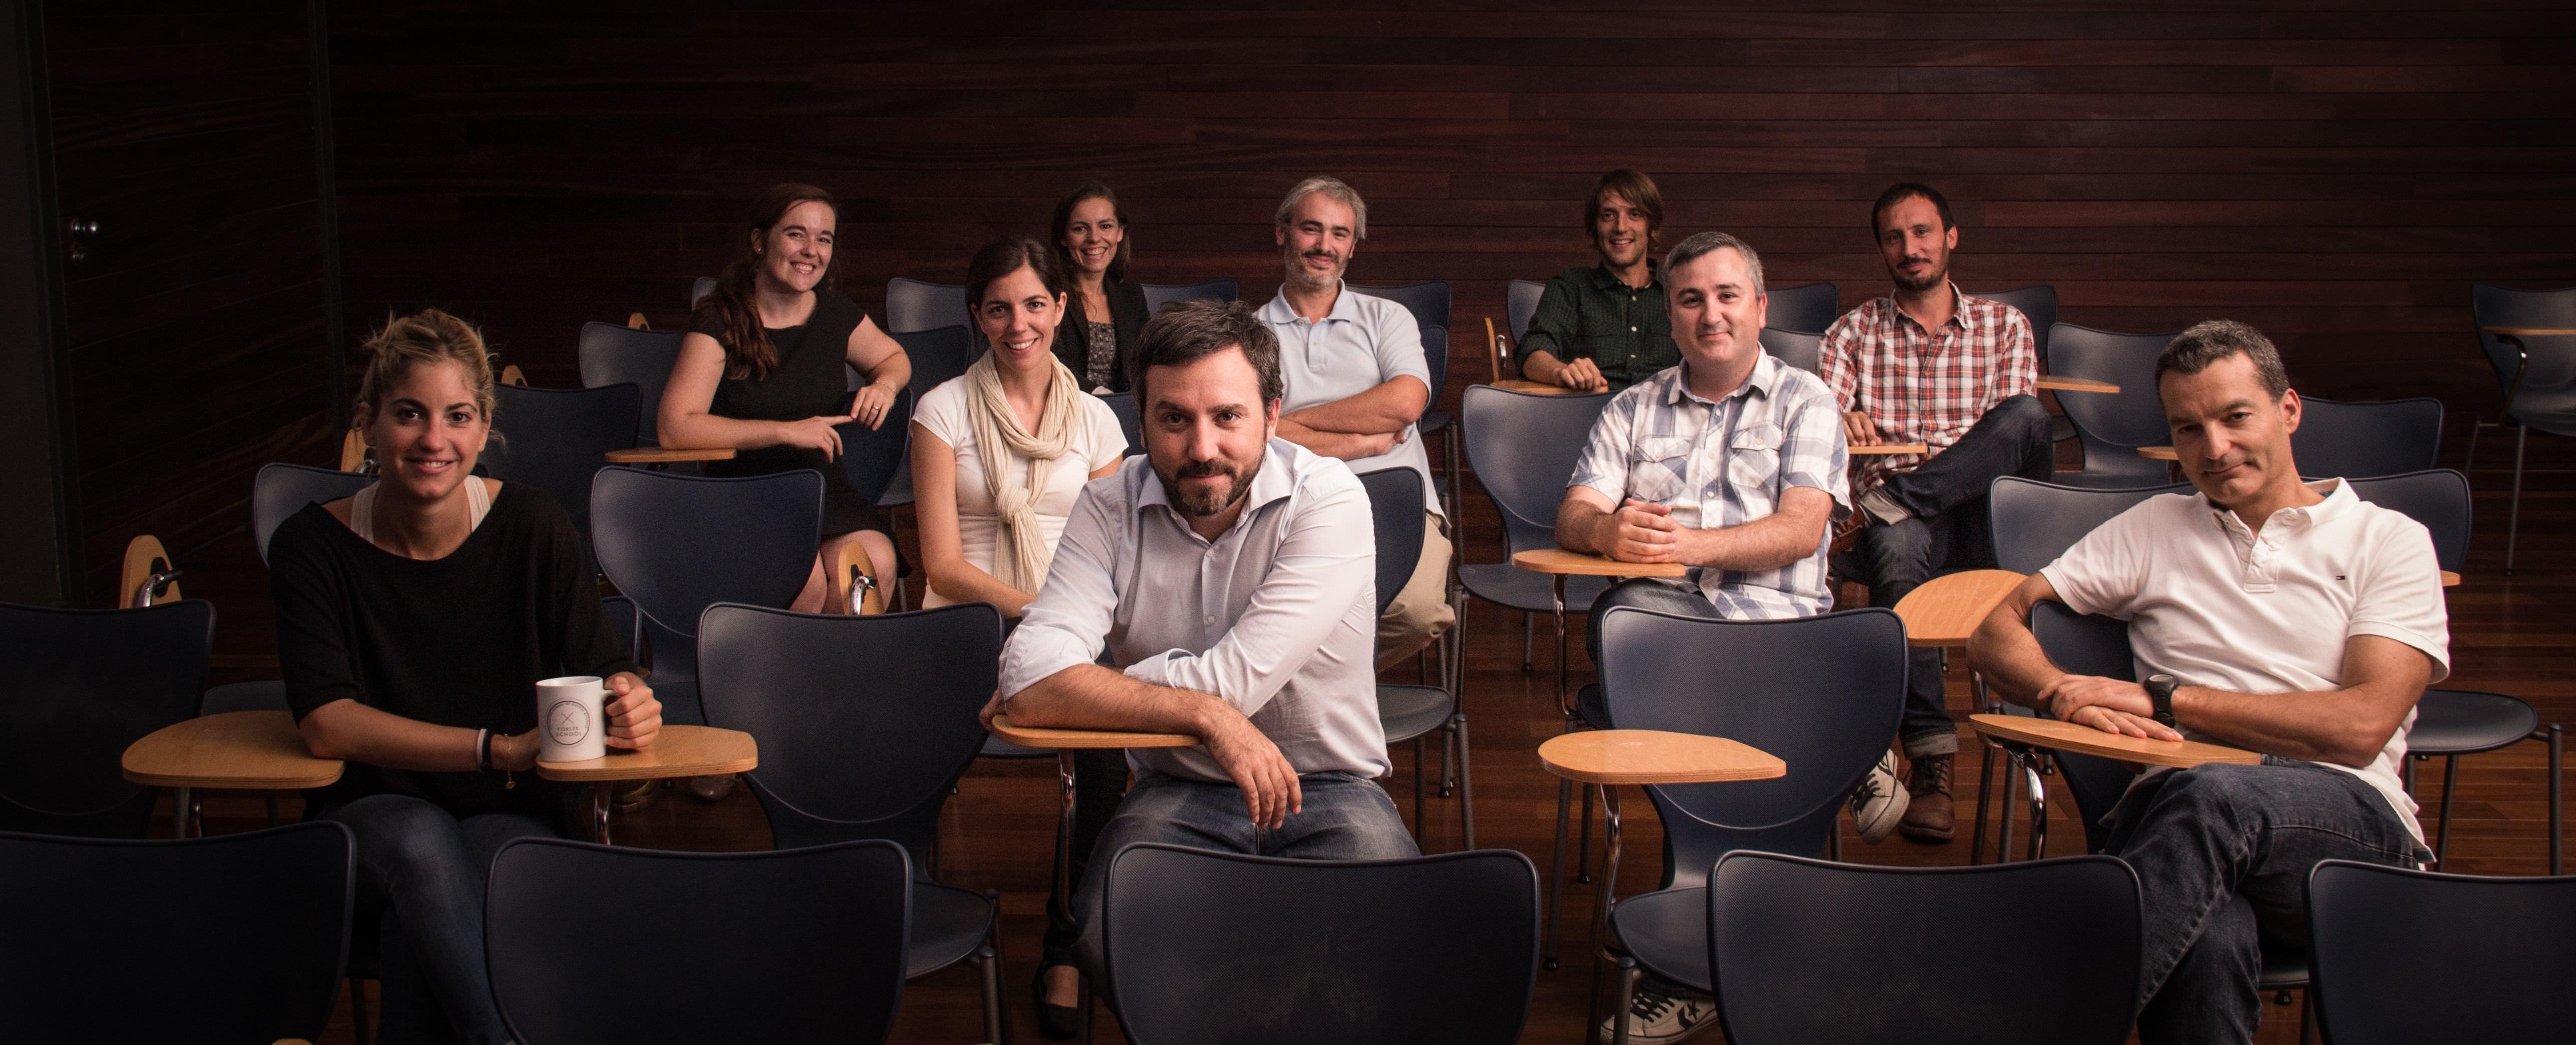 Foxize School, la Primera Escuela de Negocios que Convierte en Accionistas a Profesores y Alumnos